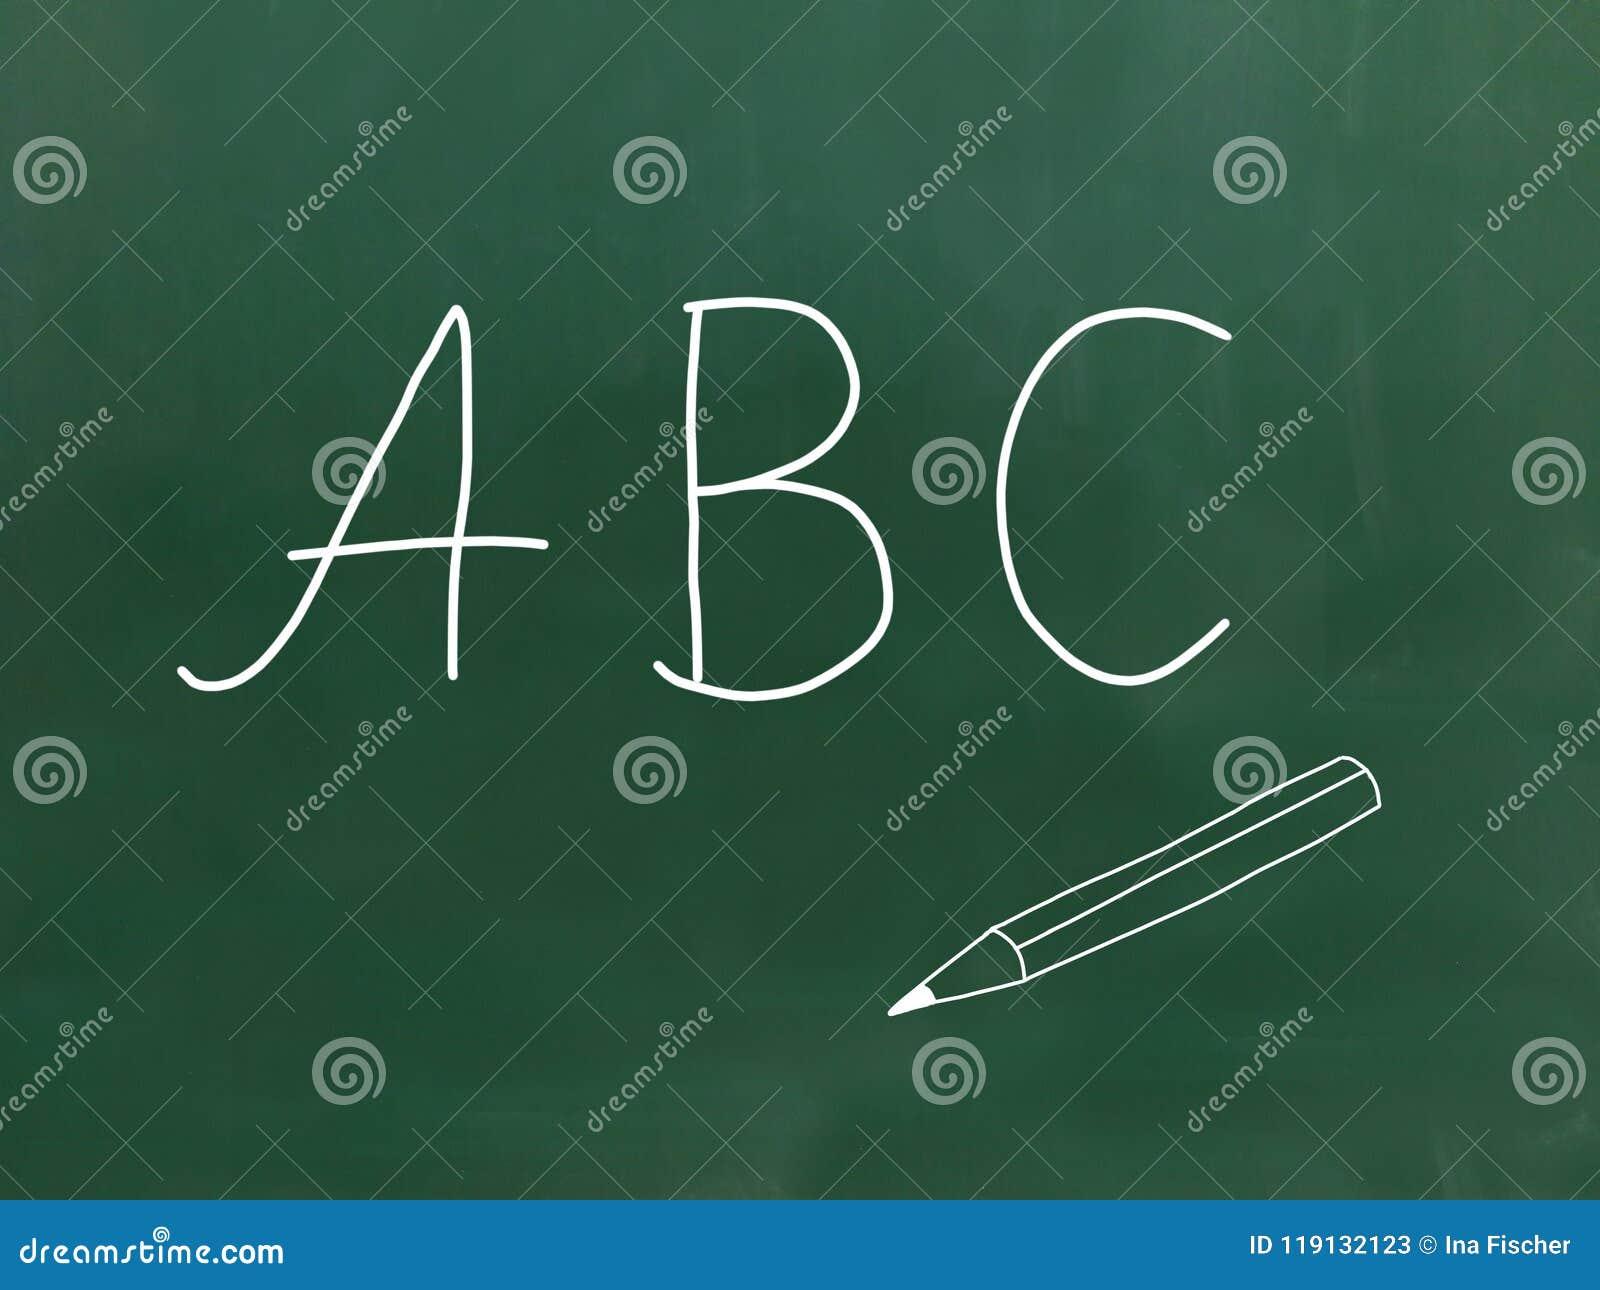 Abc - Bokstäver på en svart tavla